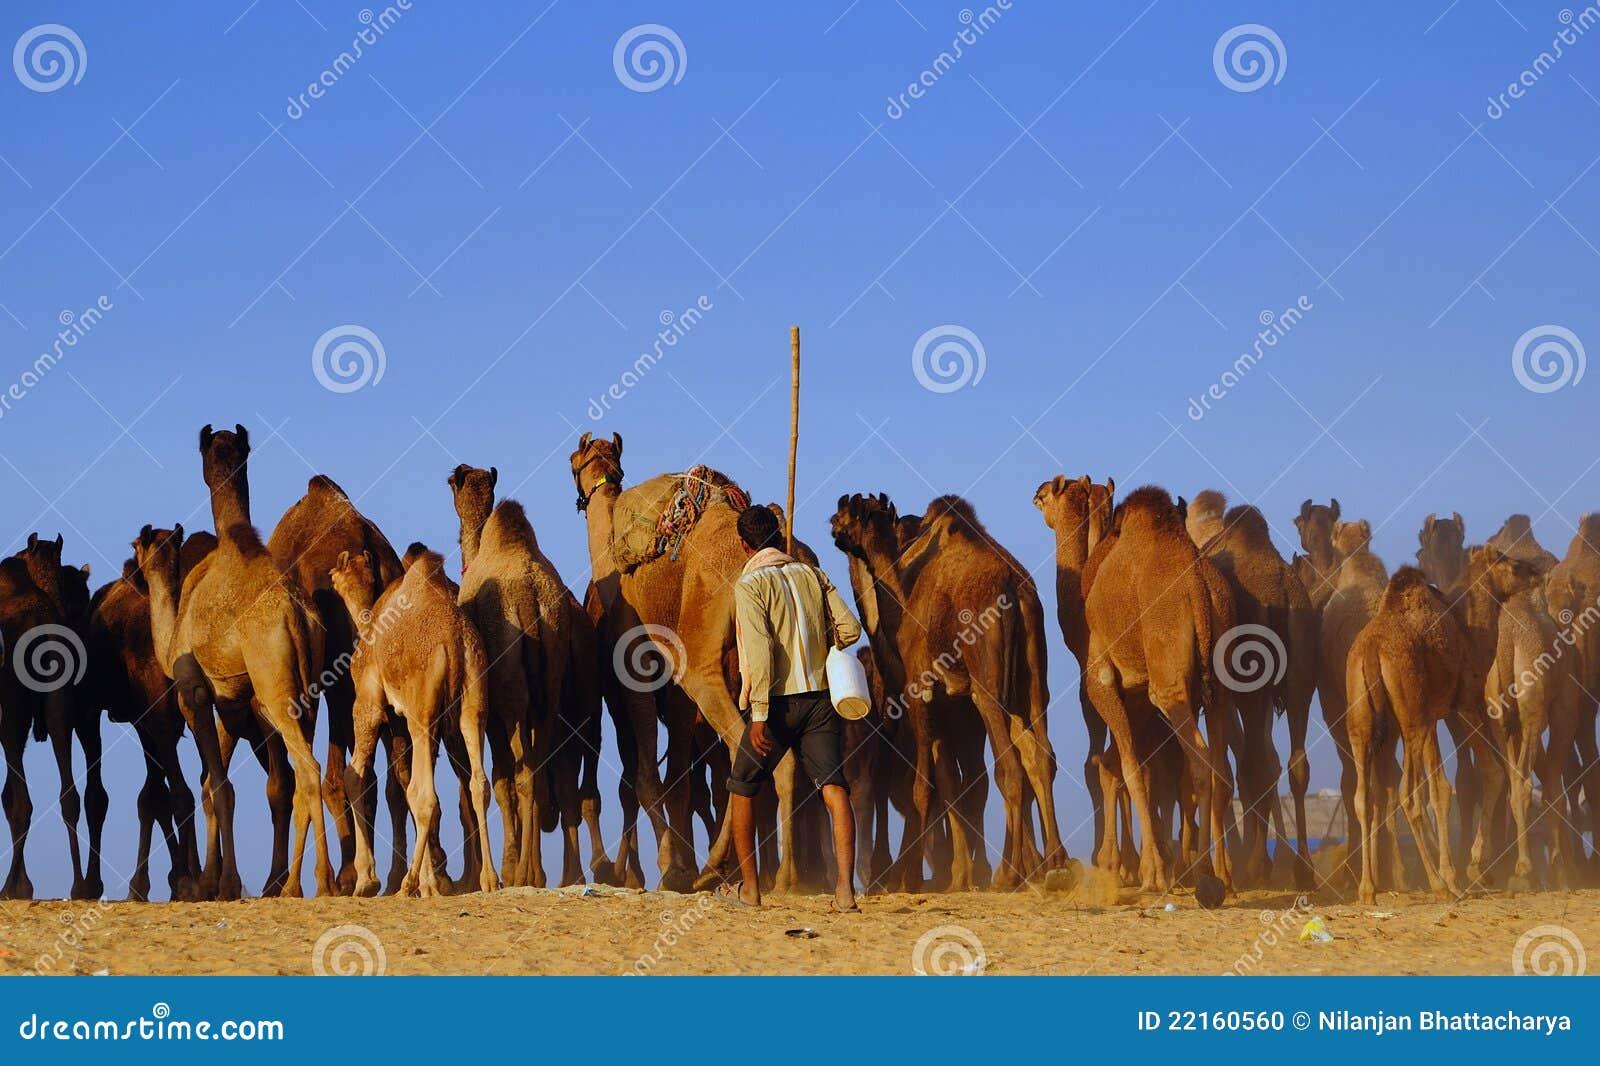 梦见成群的牛和骆驼